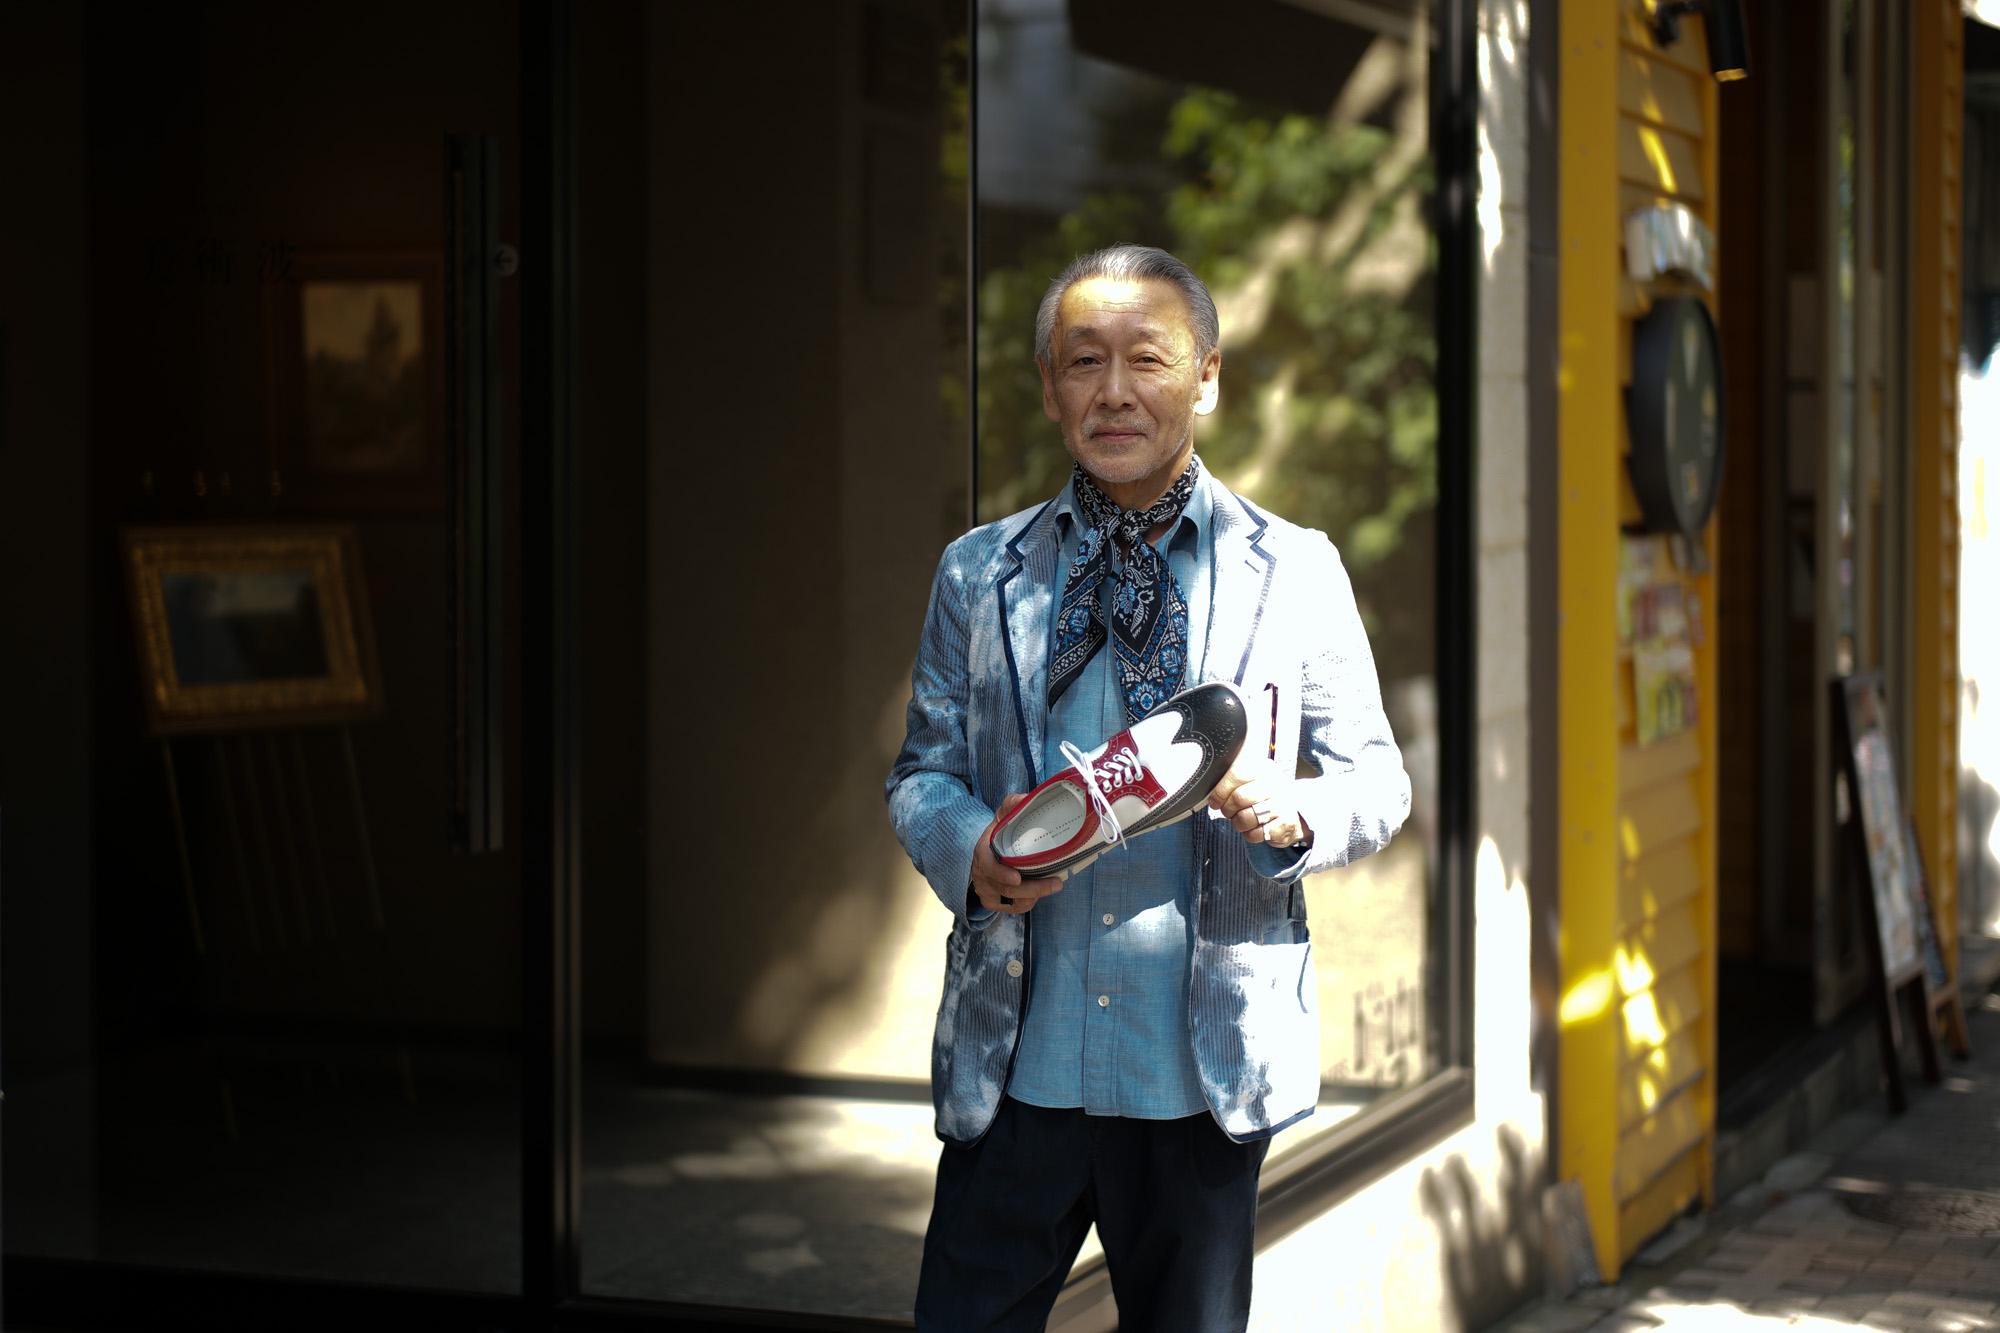 HIROSHI TSUBOUCHI(ヒロシ ツボウチ) HTO-AD05 Wing tip Sneakers Calf Leather カーフレザー ウィングチップ スニーカー TRICOLOR(トリコロール) MADE IN JAPAN(日本製) 2017秋冬 hiroshitsubouchi ヒロシツボウチ 木梨則武 ノリさん C.ロナウド クリスティアーノロナウド トリコカラー とんねるずのみなさんのおかげでした